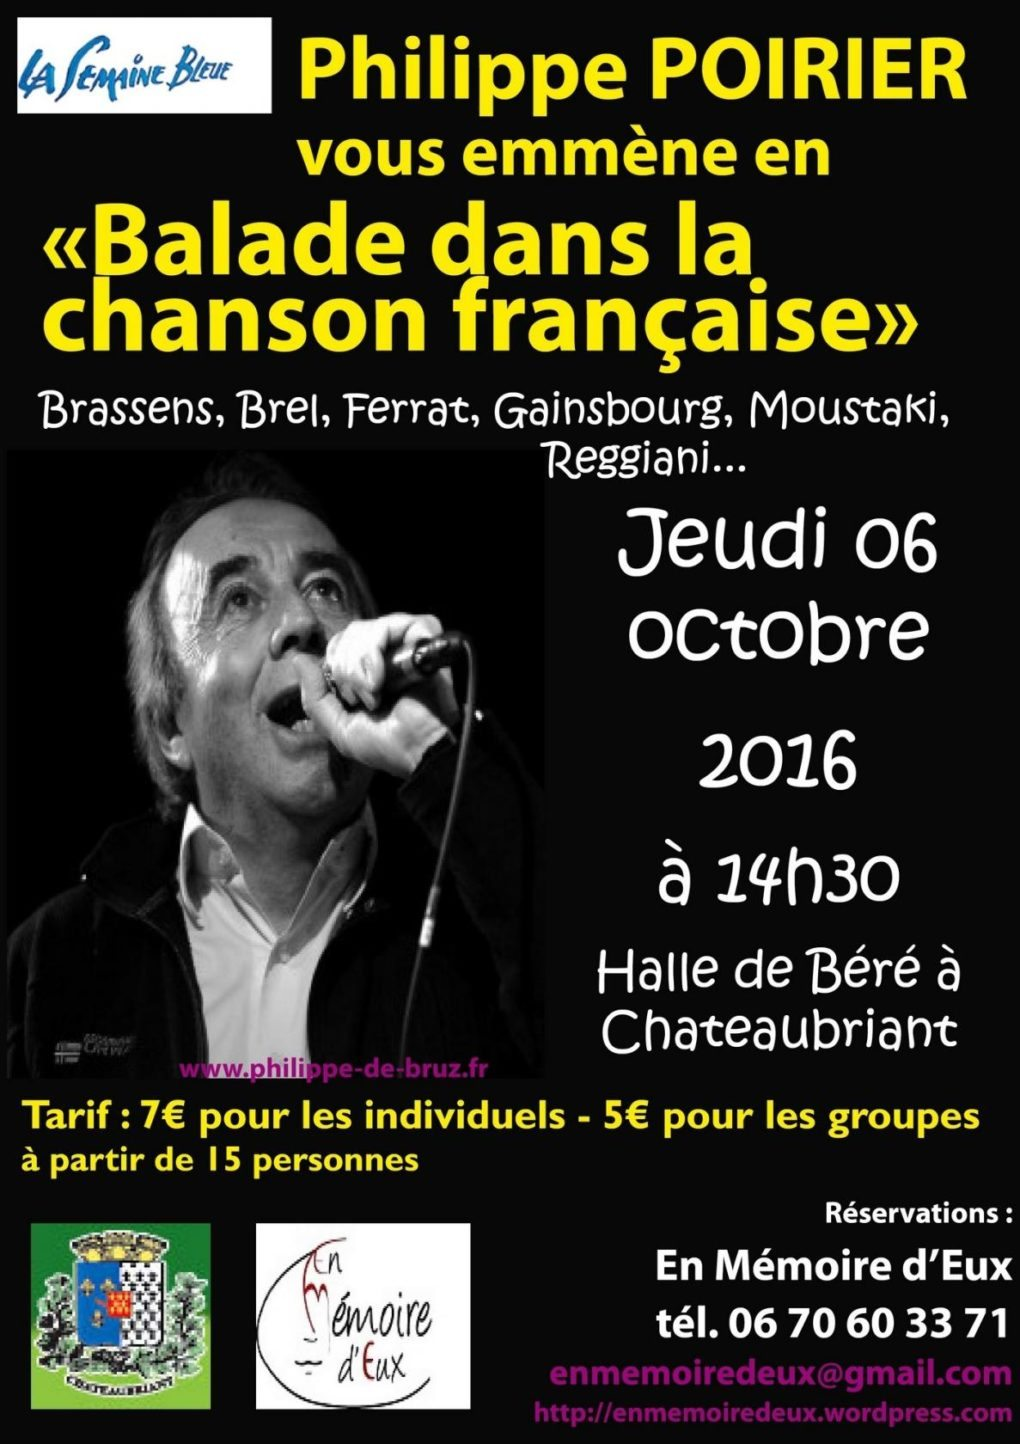 Balade dans la chanson française par Philippe Poirier Châteaubriant